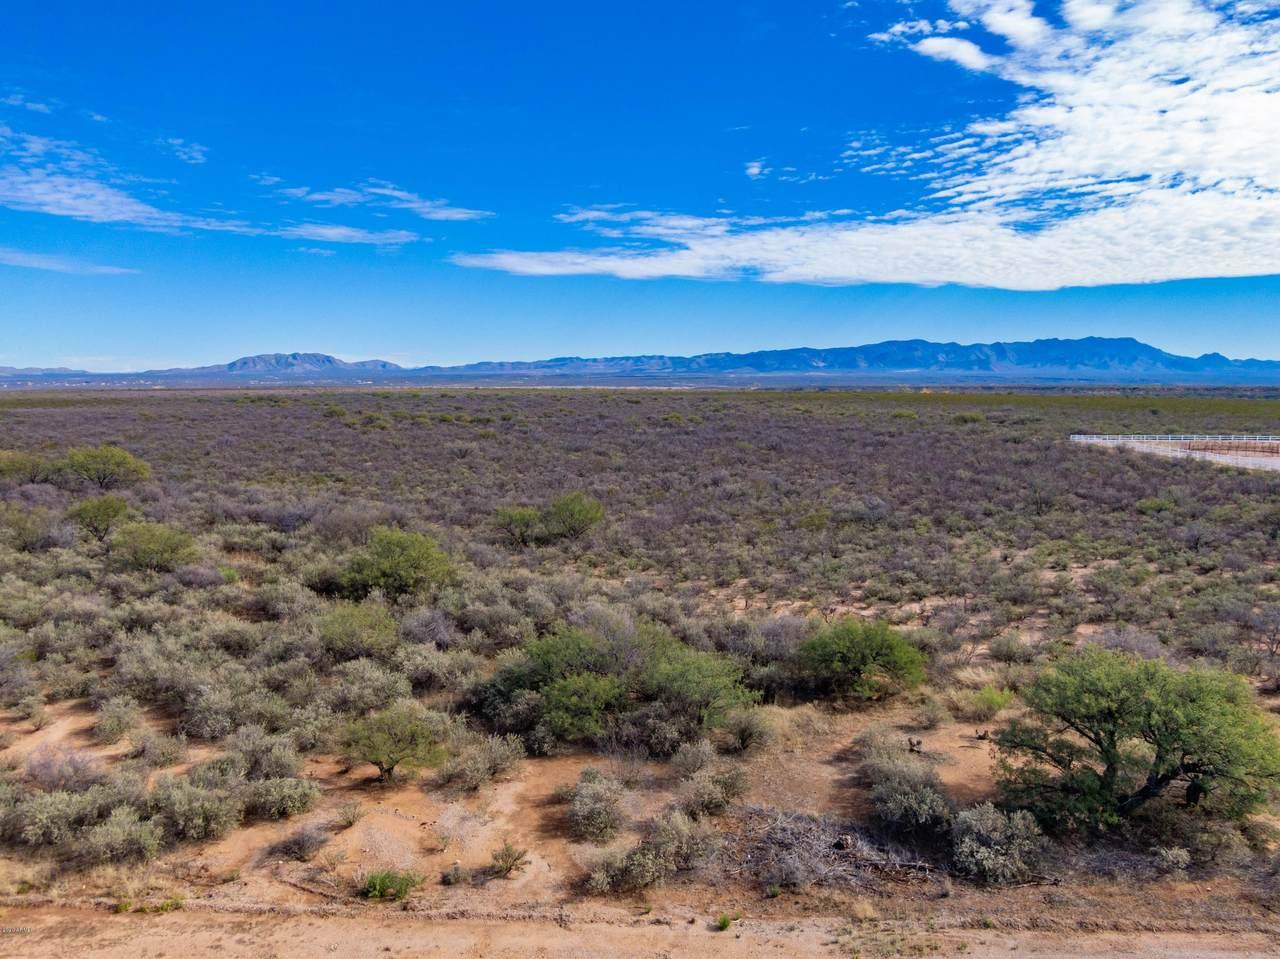 Tbd Sierra Bonita Ranch Lane - Photo 1